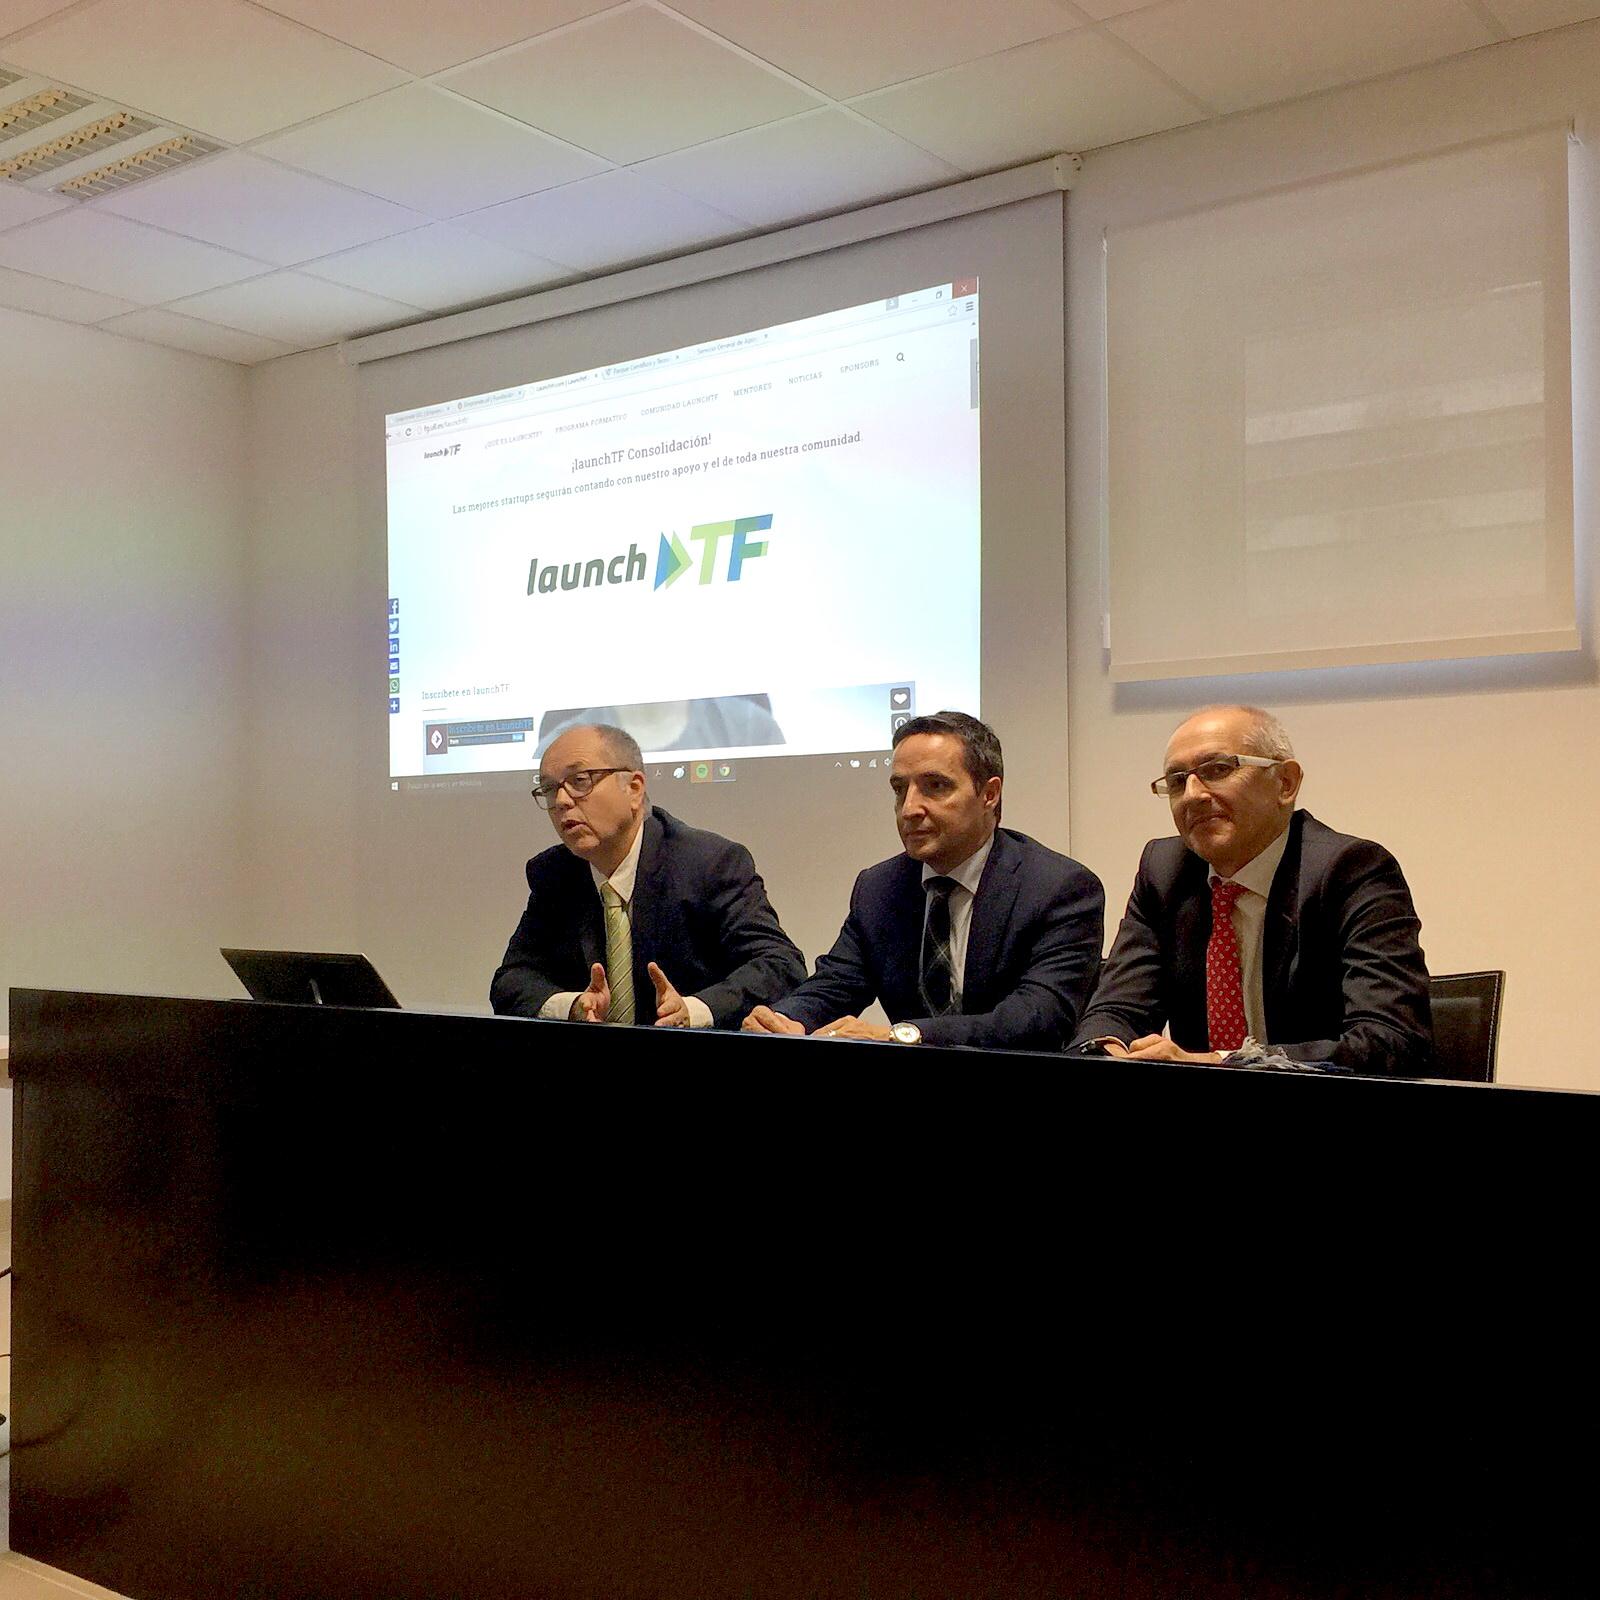 El vicerrector de Investigación, Juan Manuel Corchado, participa en la Universidad de Granada en un debate sobre emprendimiento